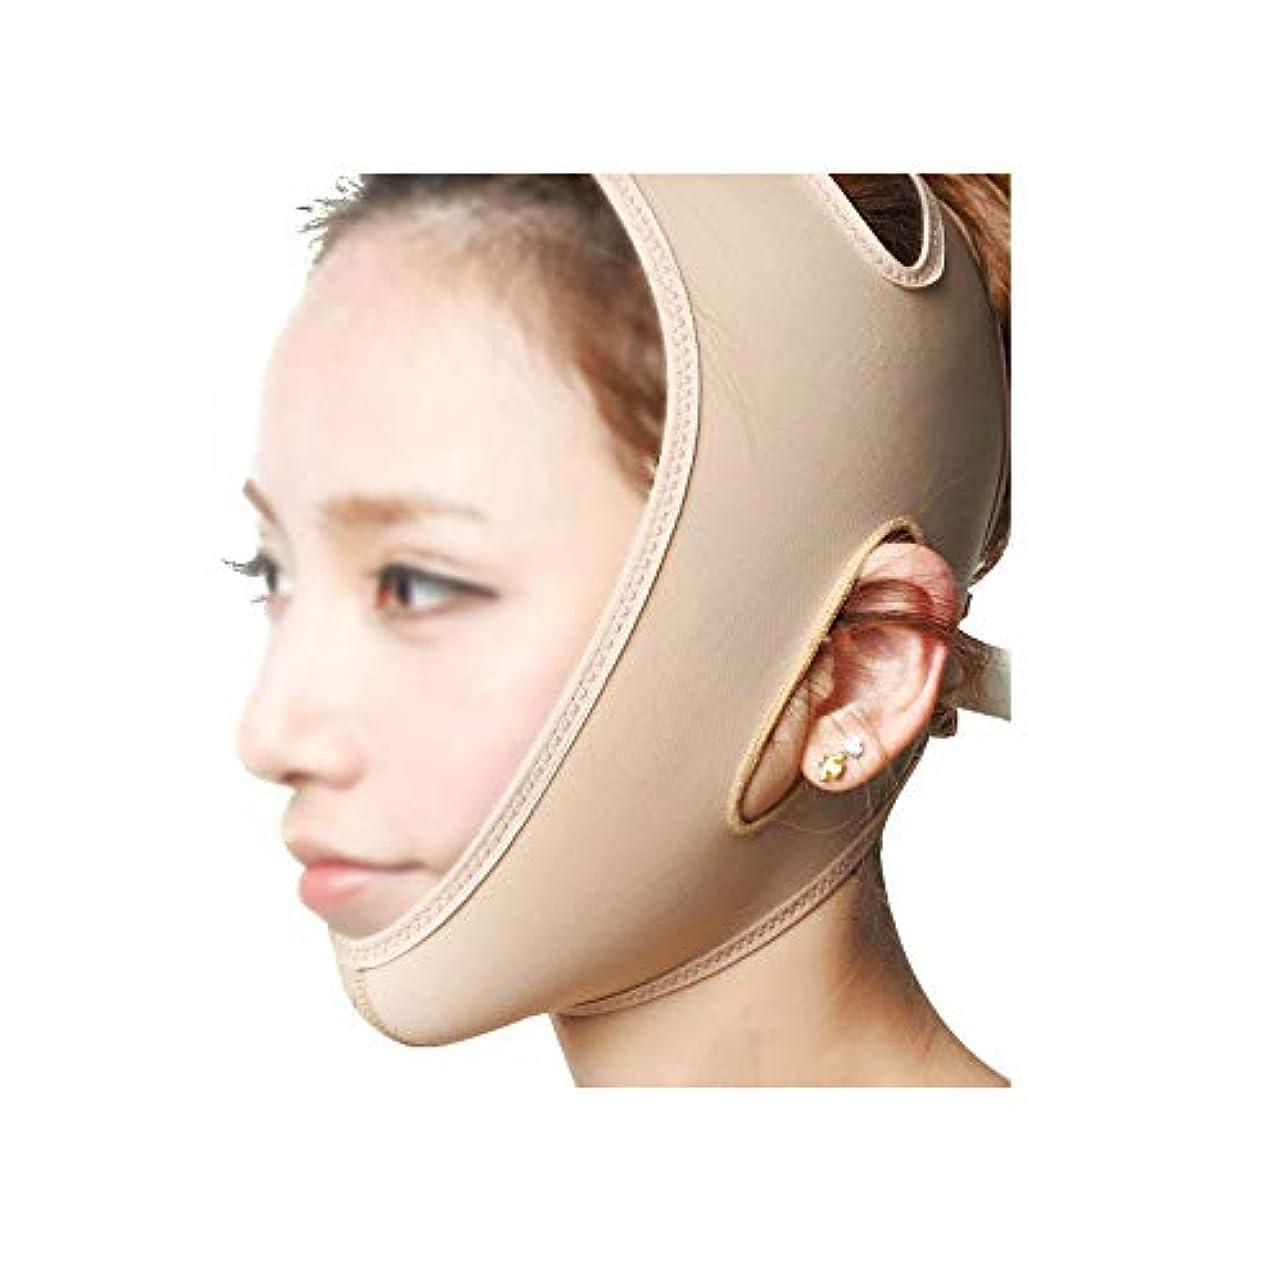 君主制試みシステムXHLMRMJ フェイスリフティングバンデージ、フェイスマスク3Dパネルデザイン、通気性のある非通気性、高弾性ライクラ生地フィジカルVフェイス、美しい顔の輪郭の作成 (Size : M)